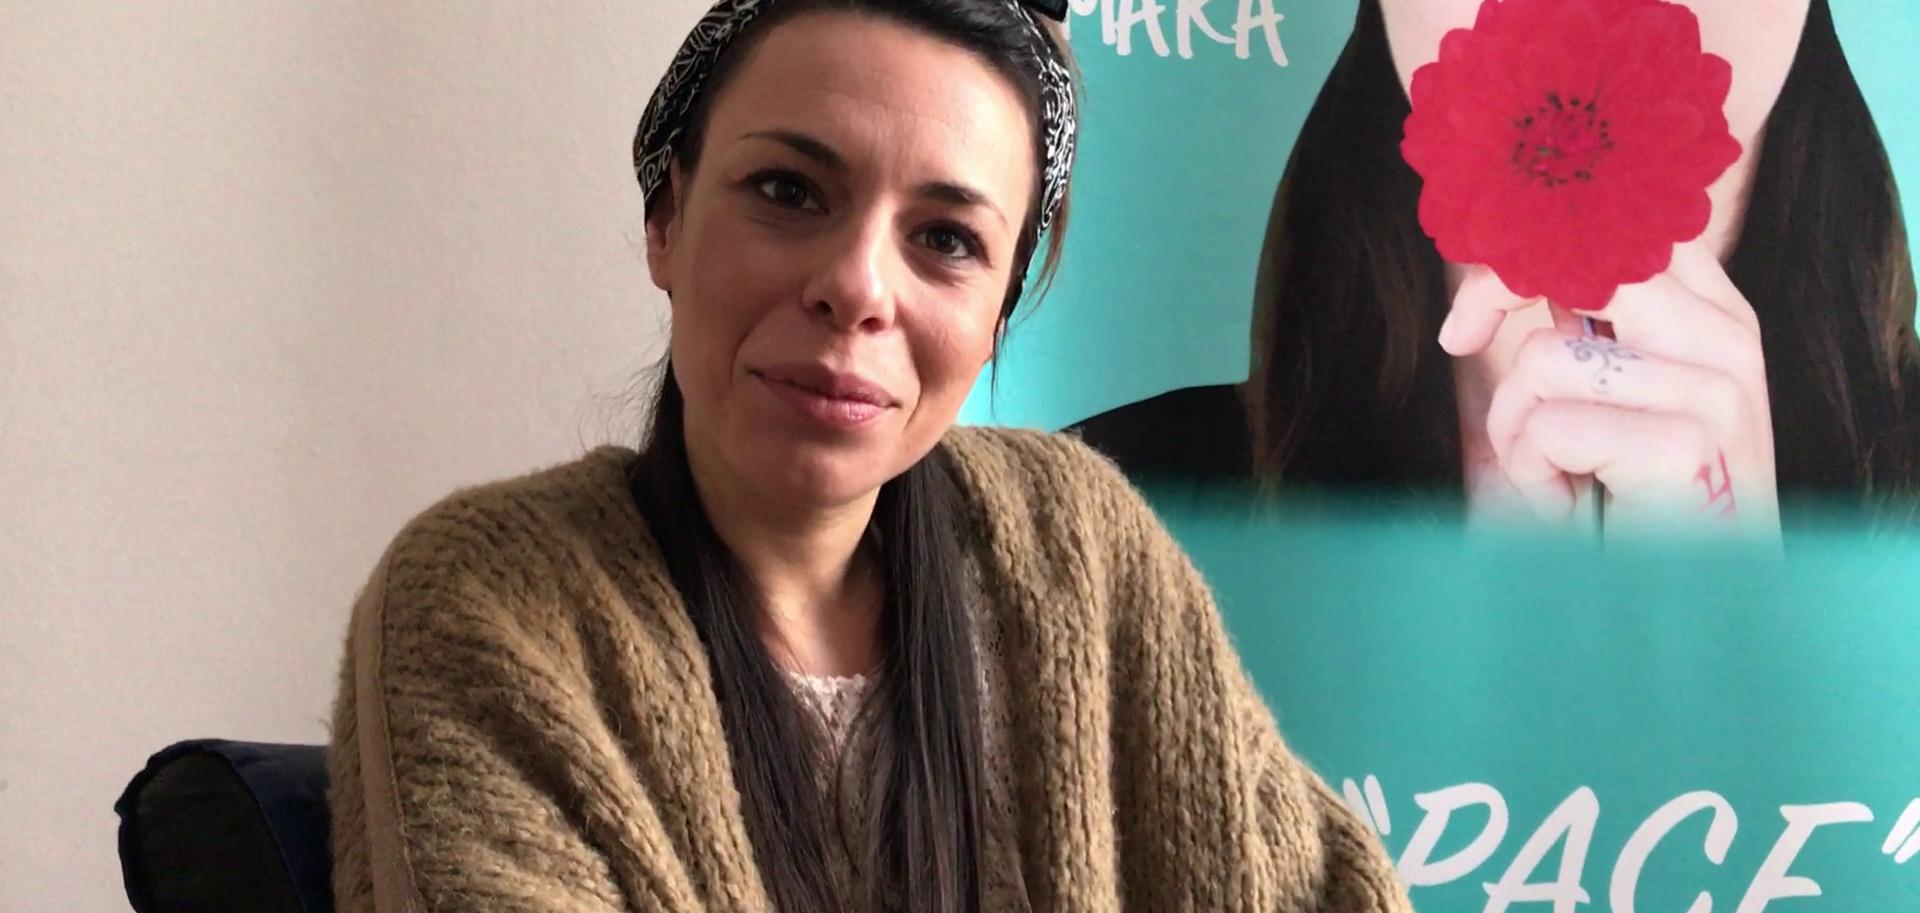 (VIDEO) Intervista ad Amara: «Prima raggiungersi e poi condividersi, la pace parte da noi»